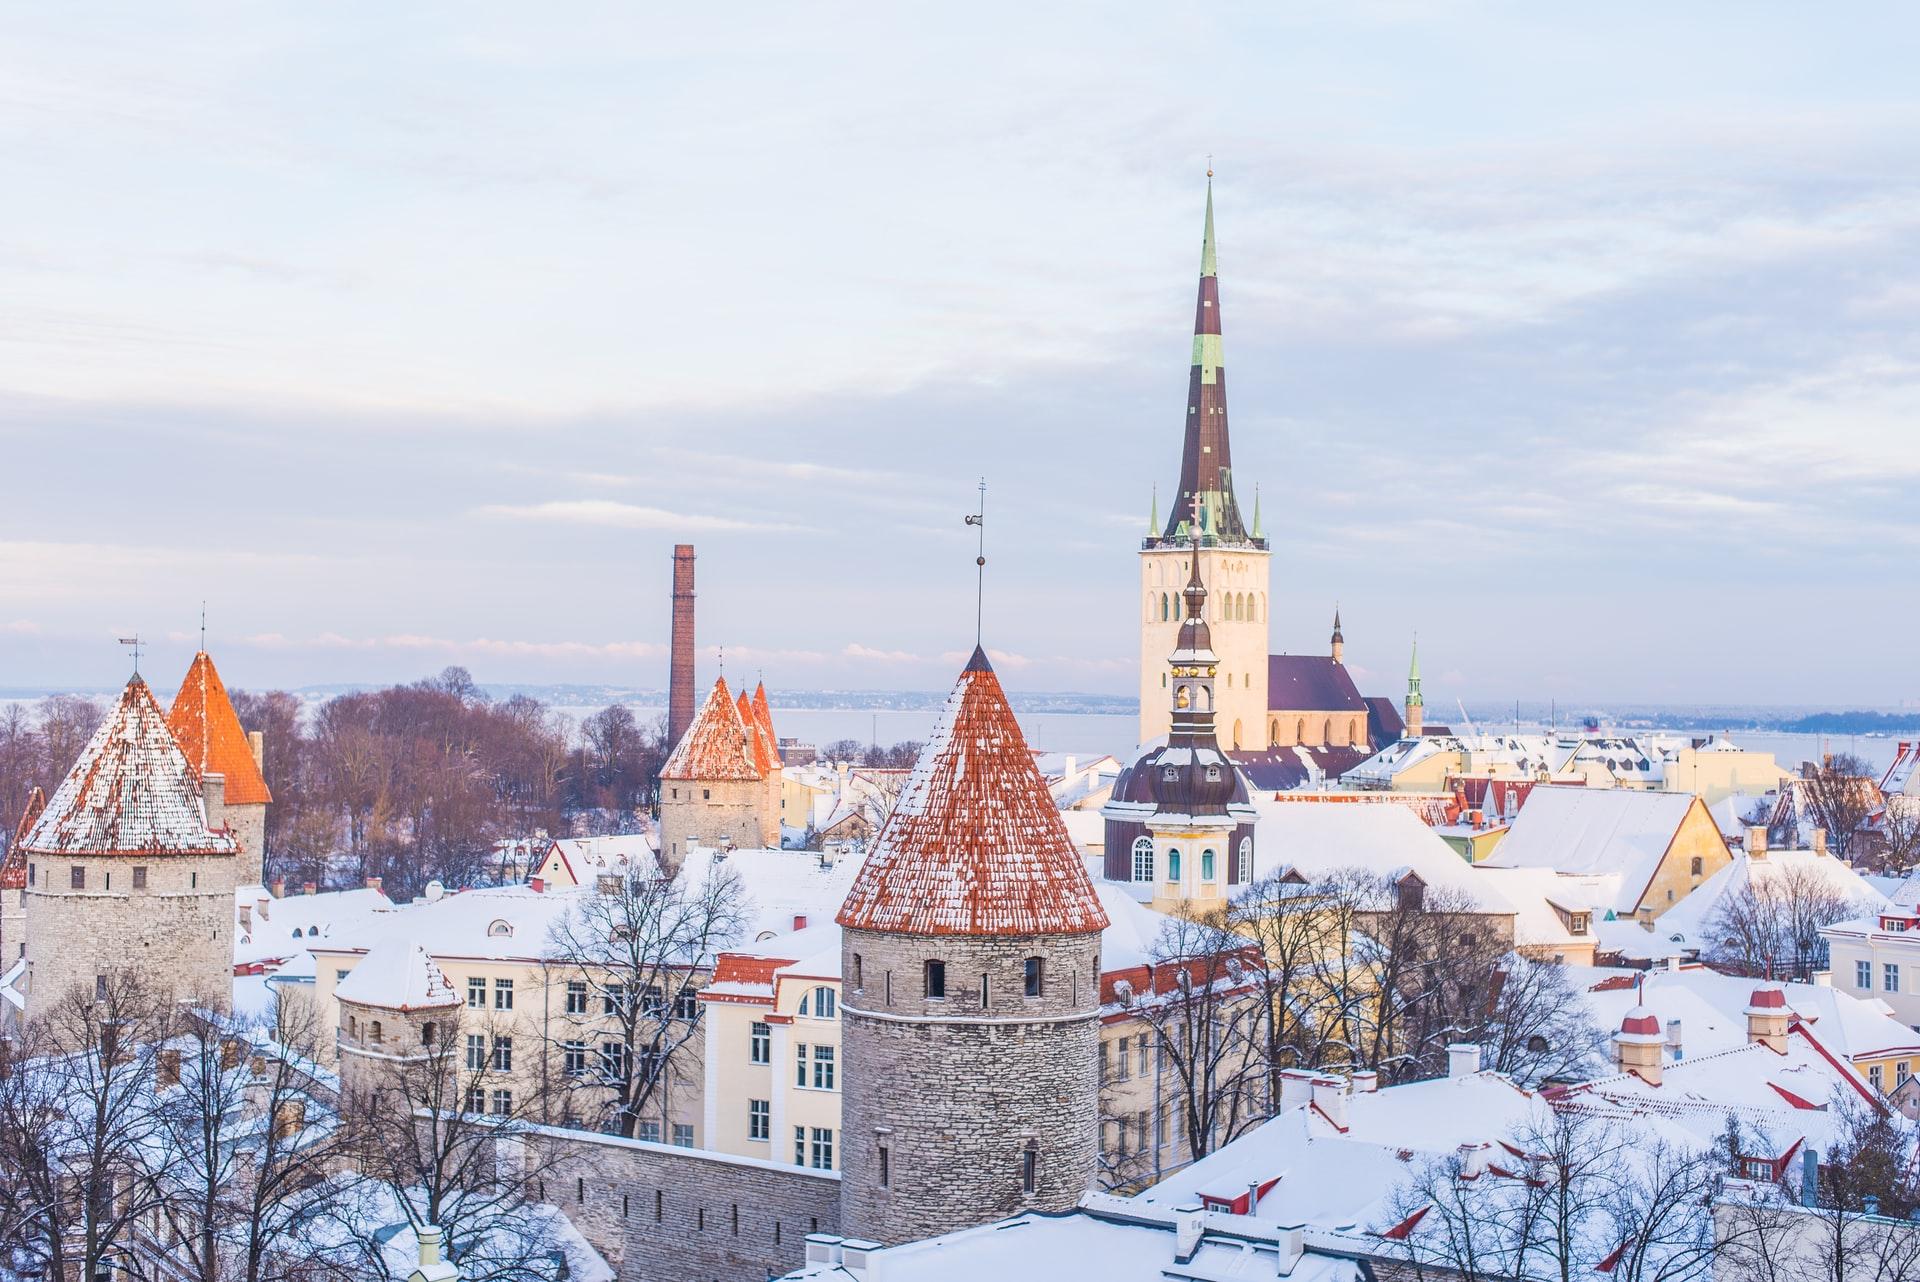 view of tallin - estonia offering digital nomad visas for entrepreneurs